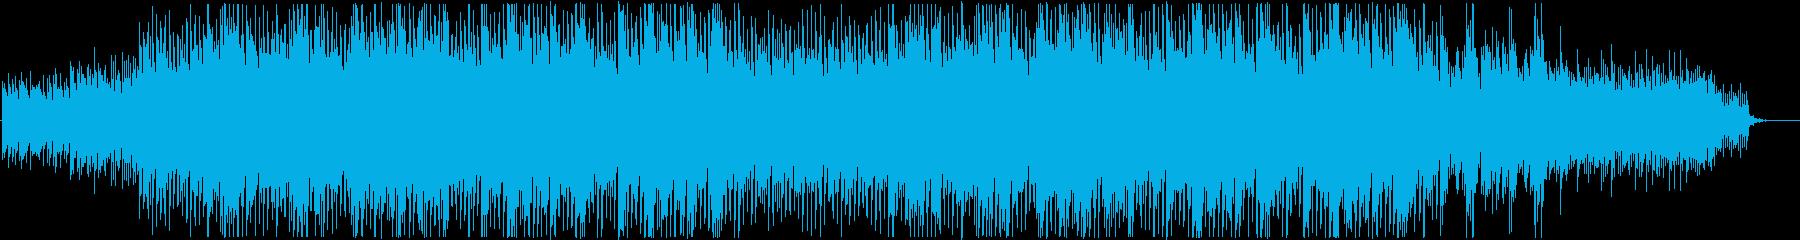 企業VP_爽やかなギターとテクノポップの再生済みの波形